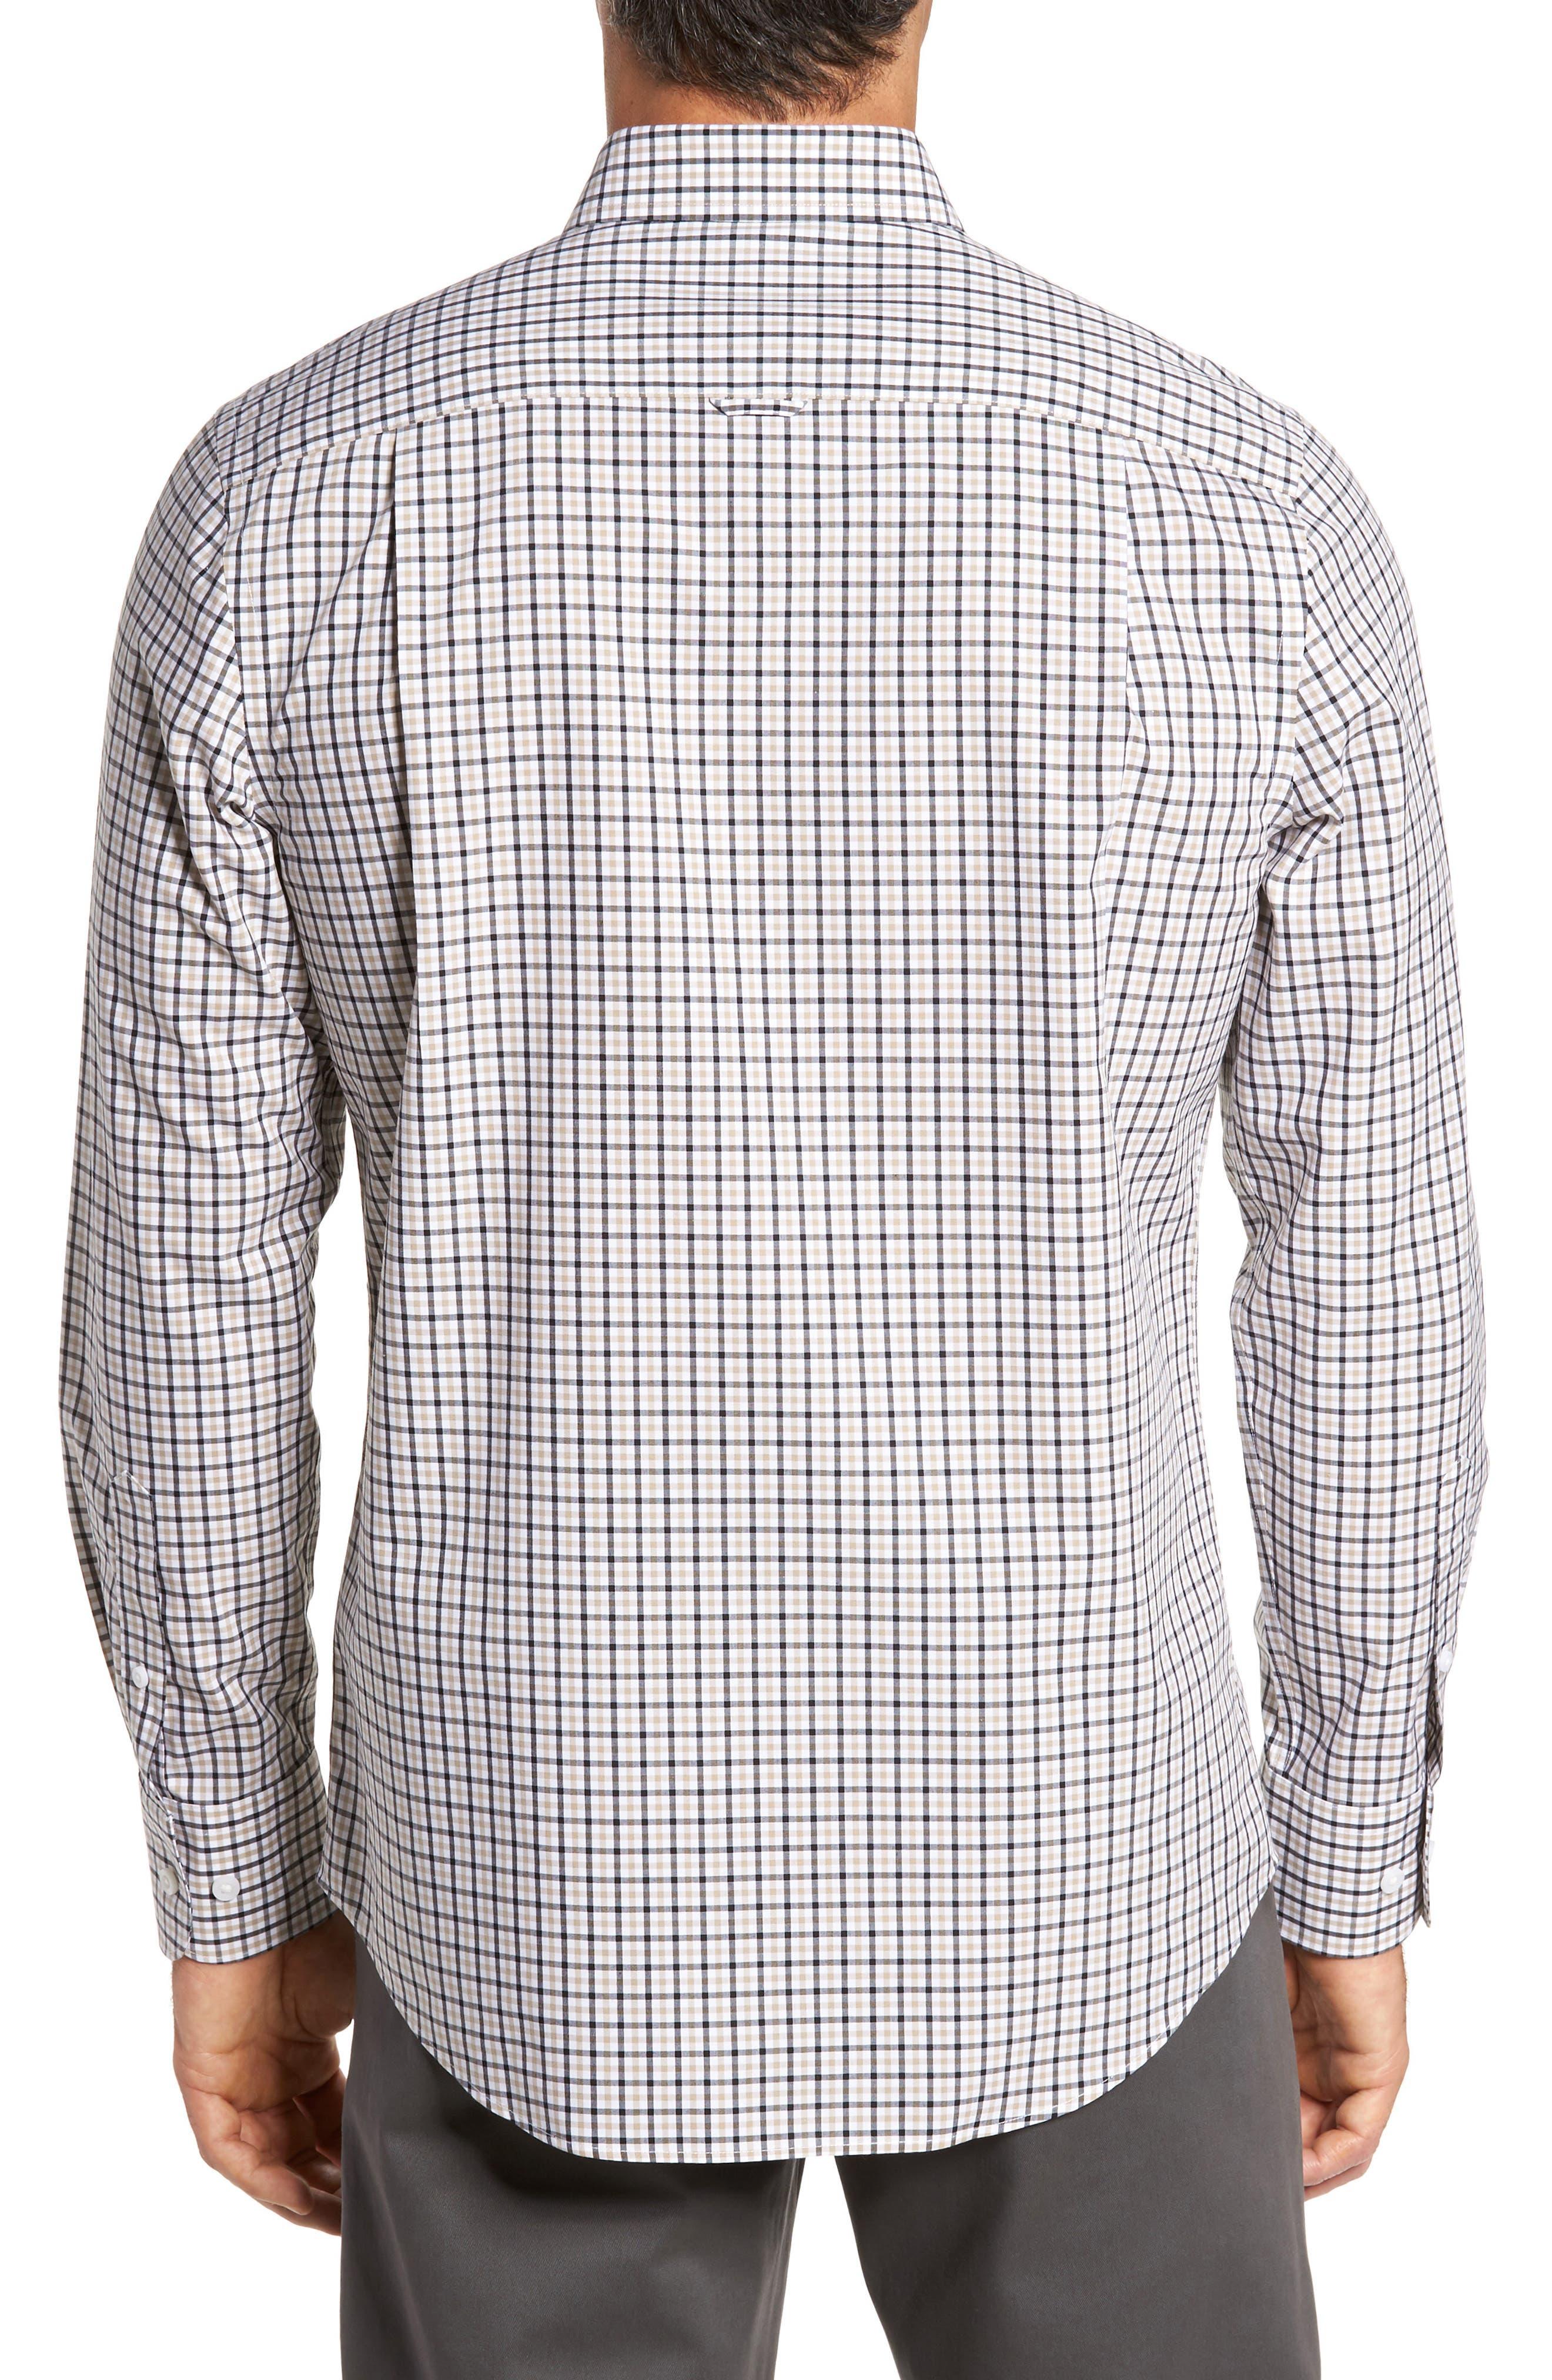 Smartcare<sup>™</sup> Regular Fit Plaid Sport Shirt,                             Alternate thumbnail 11, color,